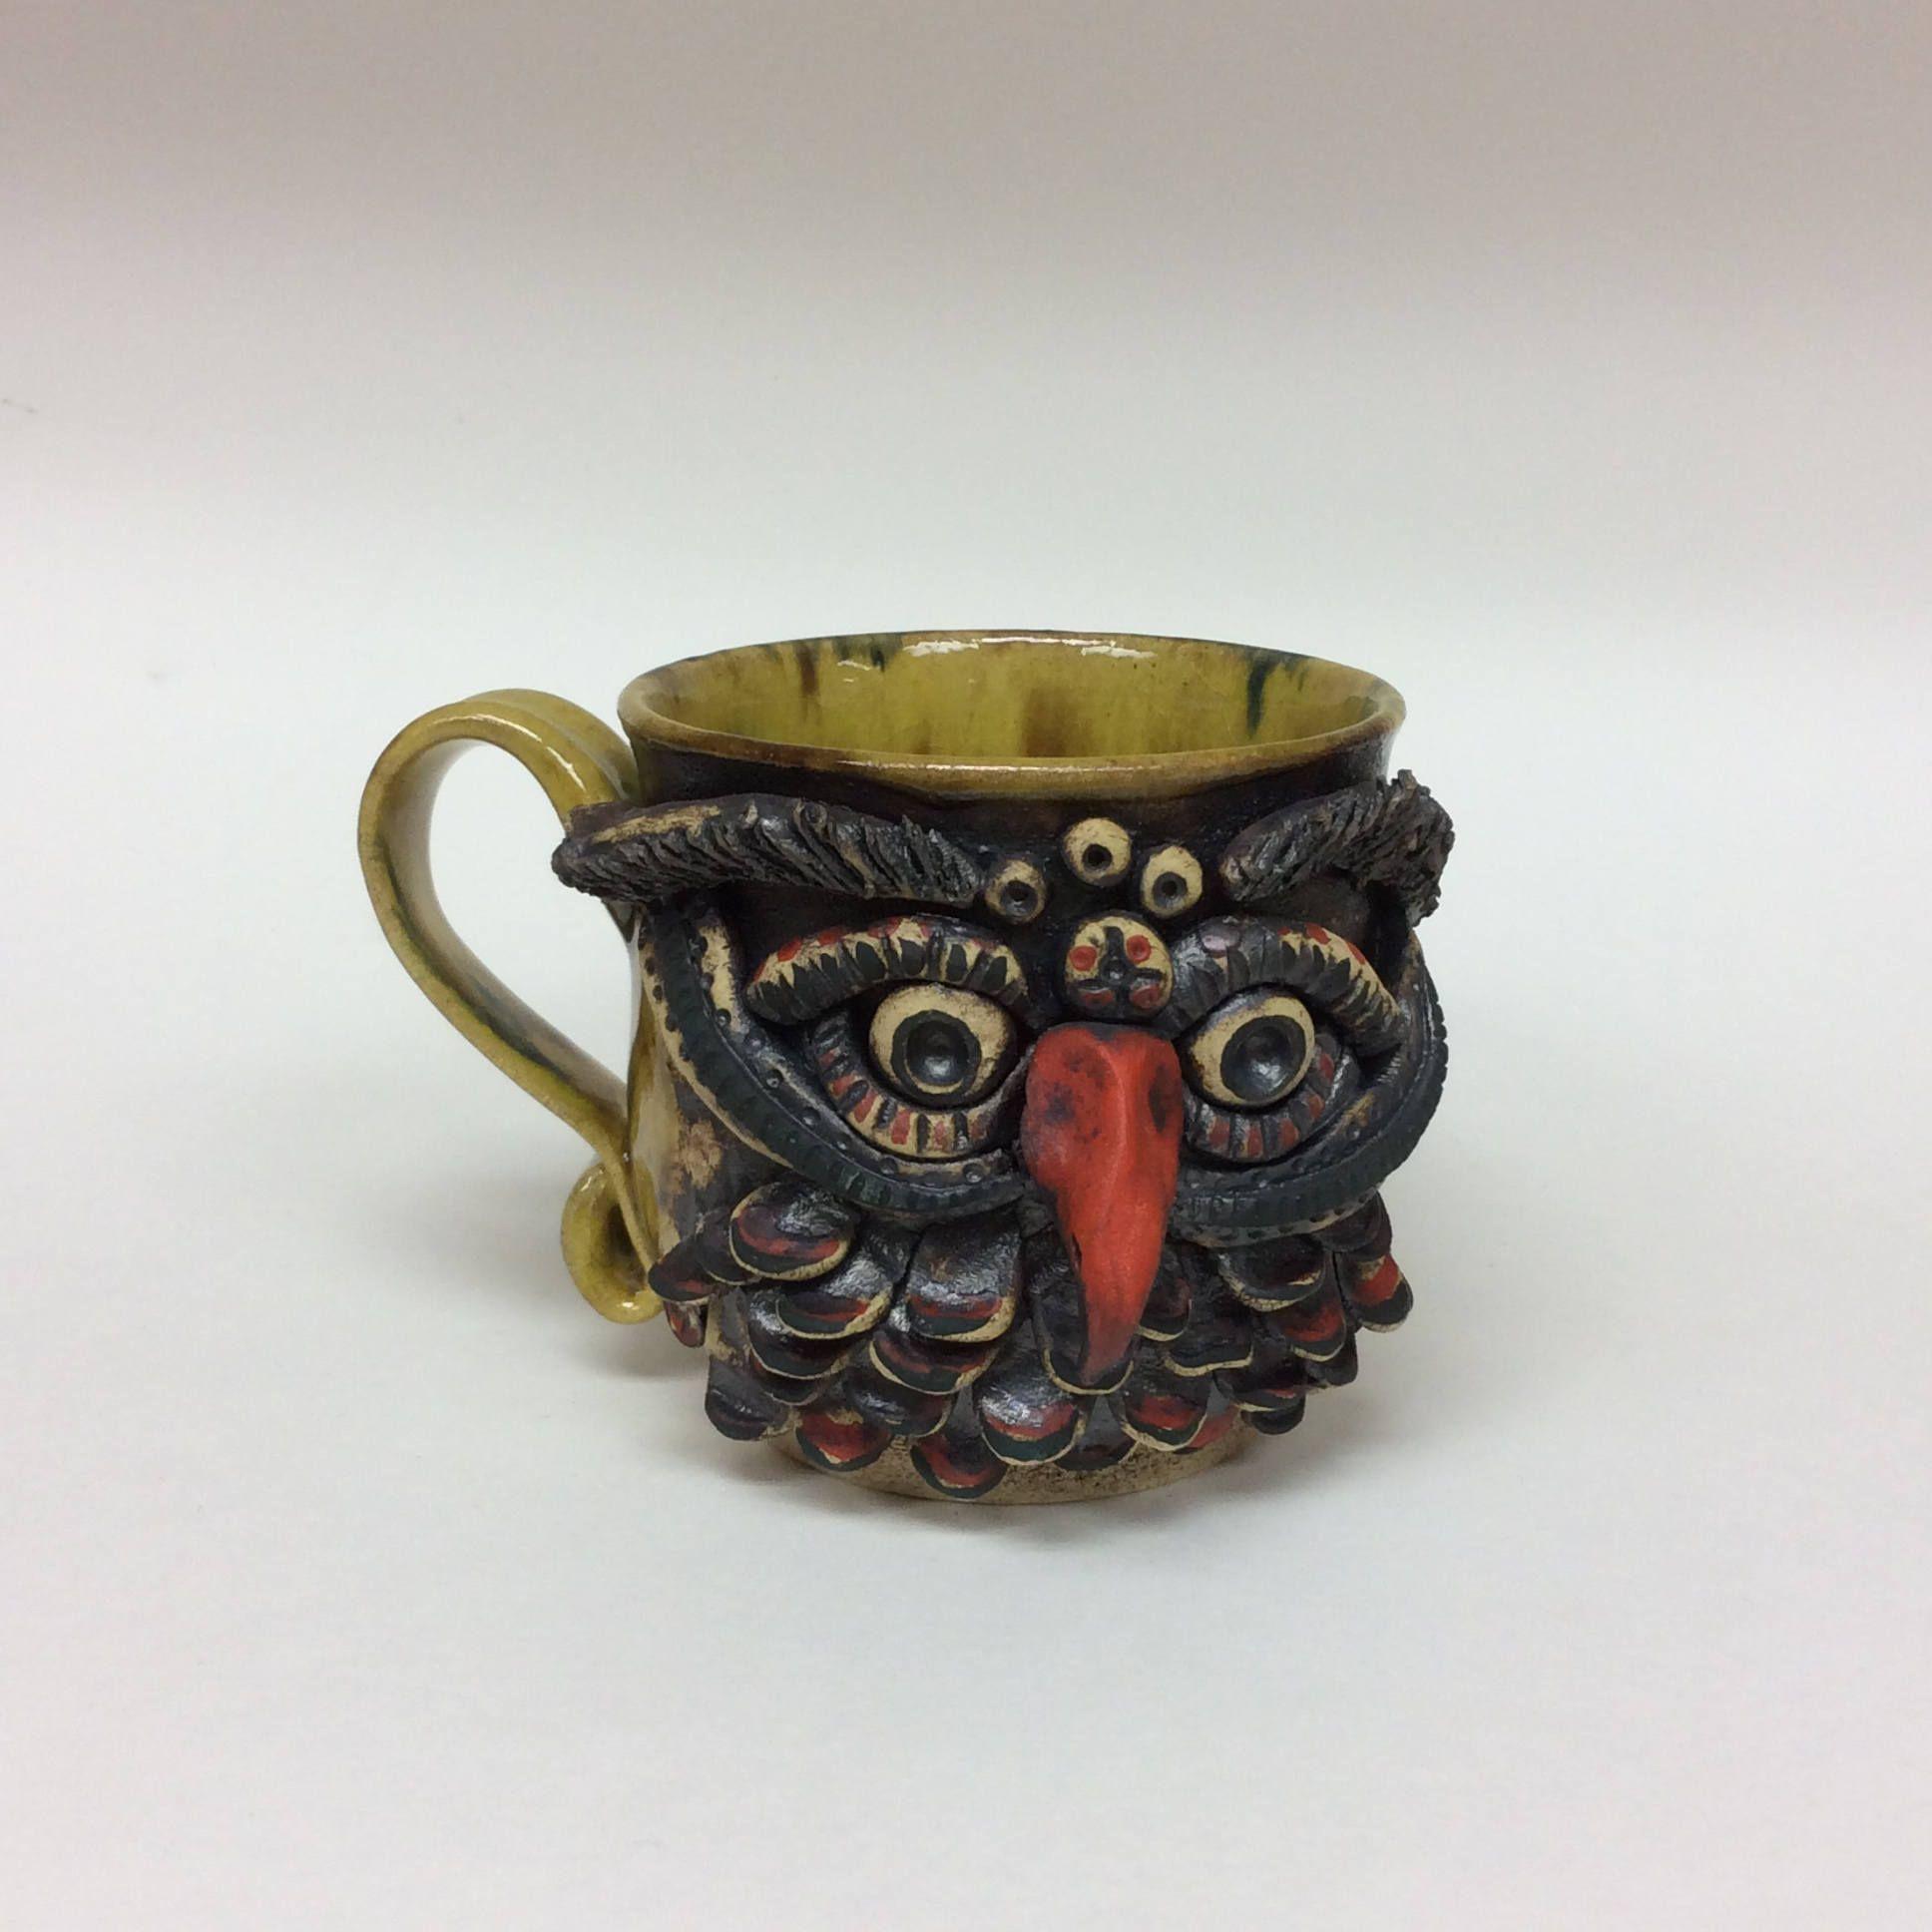 Owl Mug, Ceramic Owl Mug, Handmade Ceramic Owl Mug, Ceramic